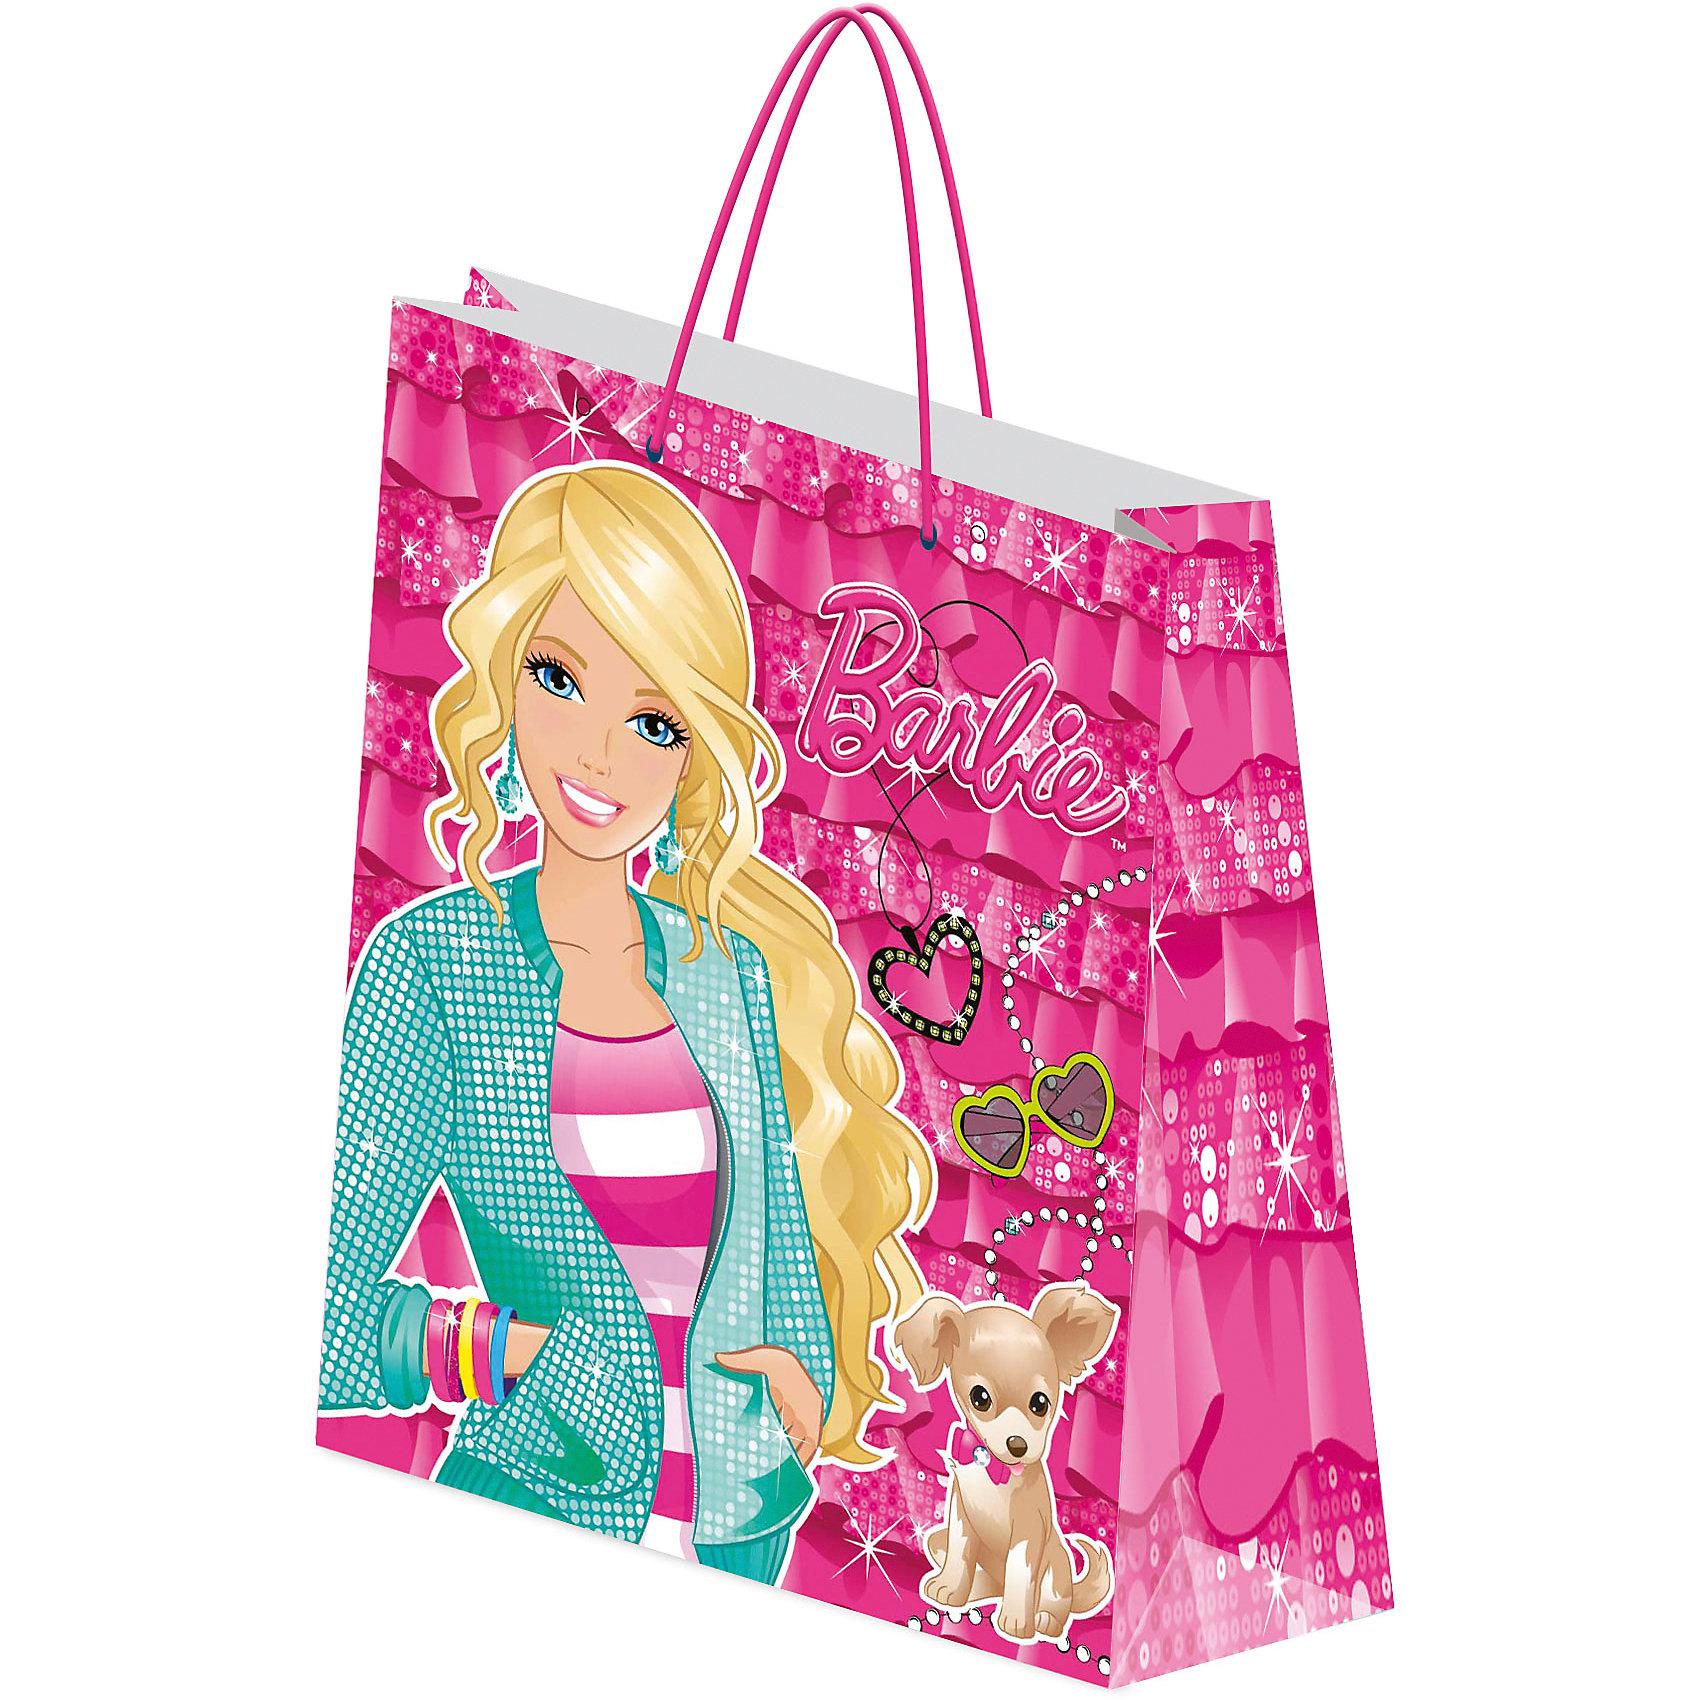 Пакет подарочный 28*34*9 см, BarbieBarbie<br>Характеристики подарочного пакета, Barbie:<br><br>- возраст: от 3 лет<br>- пол: для девочек<br>- материал: картон <br>- размер игрушки: 28*34*9 см.<br>- страна обладатель бренда: Россия.<br><br>Яркий пакет с очаровательной Барби великолепно украсит любой подарок для Вашей малышки. Подарочный бумажный пакет Barbie имеет бумажные ручки и декорирован ярким принтом.<br><br>Пакет подарочный, Barbie можно купить в нашем интернет-магазине.<br><br>Ширина мм: 280<br>Глубина мм: 90<br>Высота мм: 340<br>Вес г: 62<br>Возраст от месяцев: 96<br>Возраст до месяцев: 108<br>Пол: Женский<br>Возраст: Детский<br>SKU: 5218404